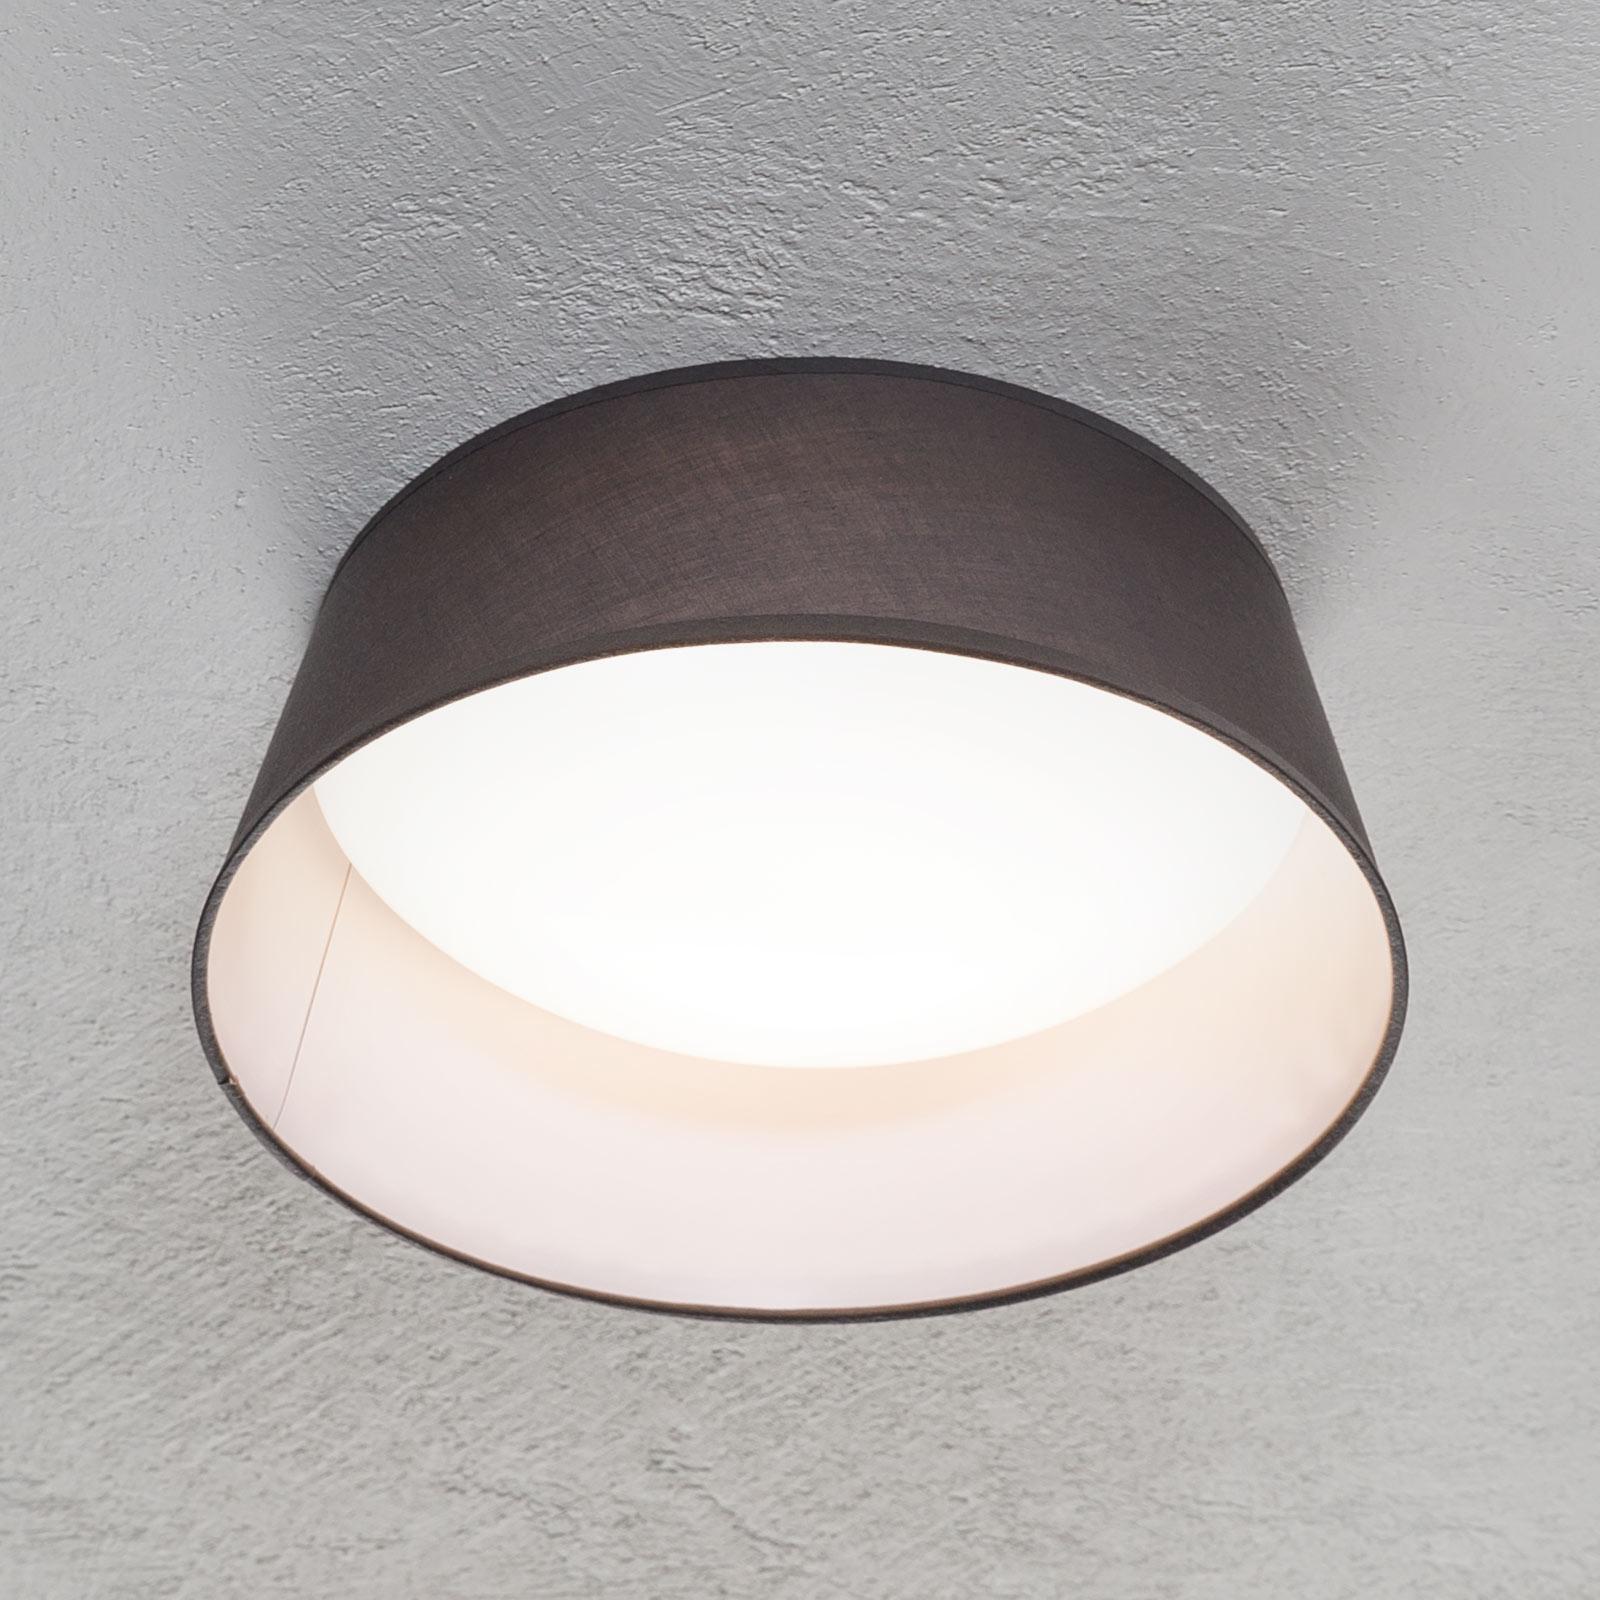 LED-Deckenlampe Ponts mit grauem Textilschirm